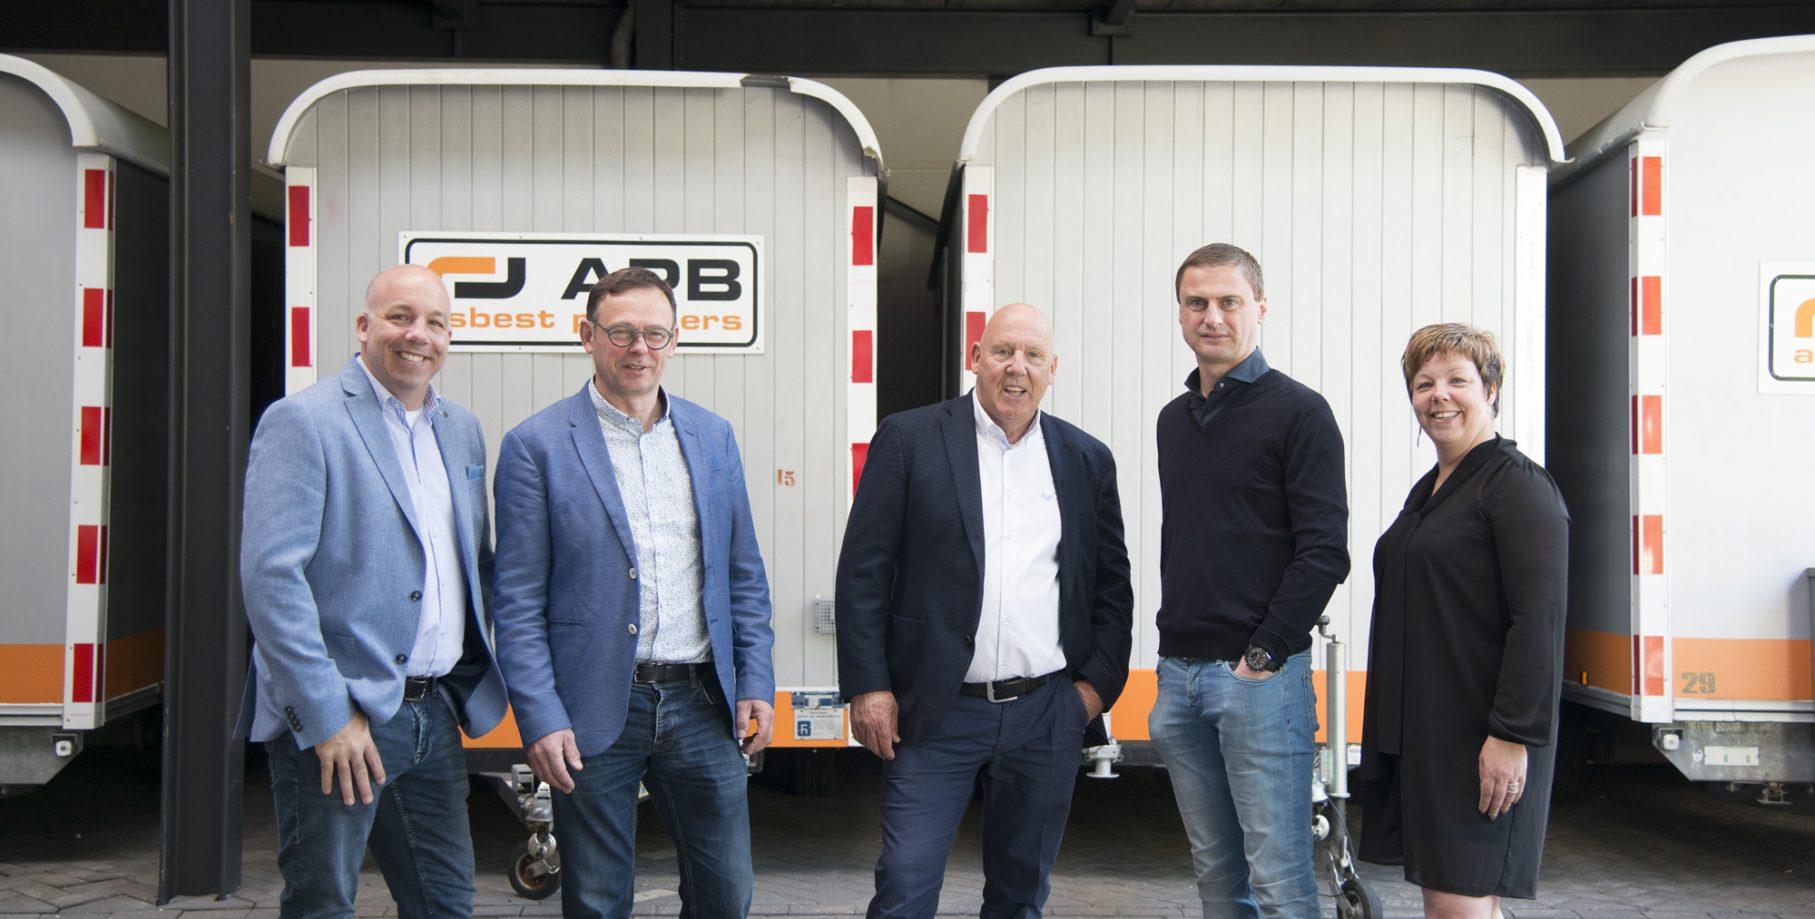 KeBeK Private Equity verwerft meerderheidsbelang in Asbest Partners Belgie bvba en Asbest Partners Brabant B.V.